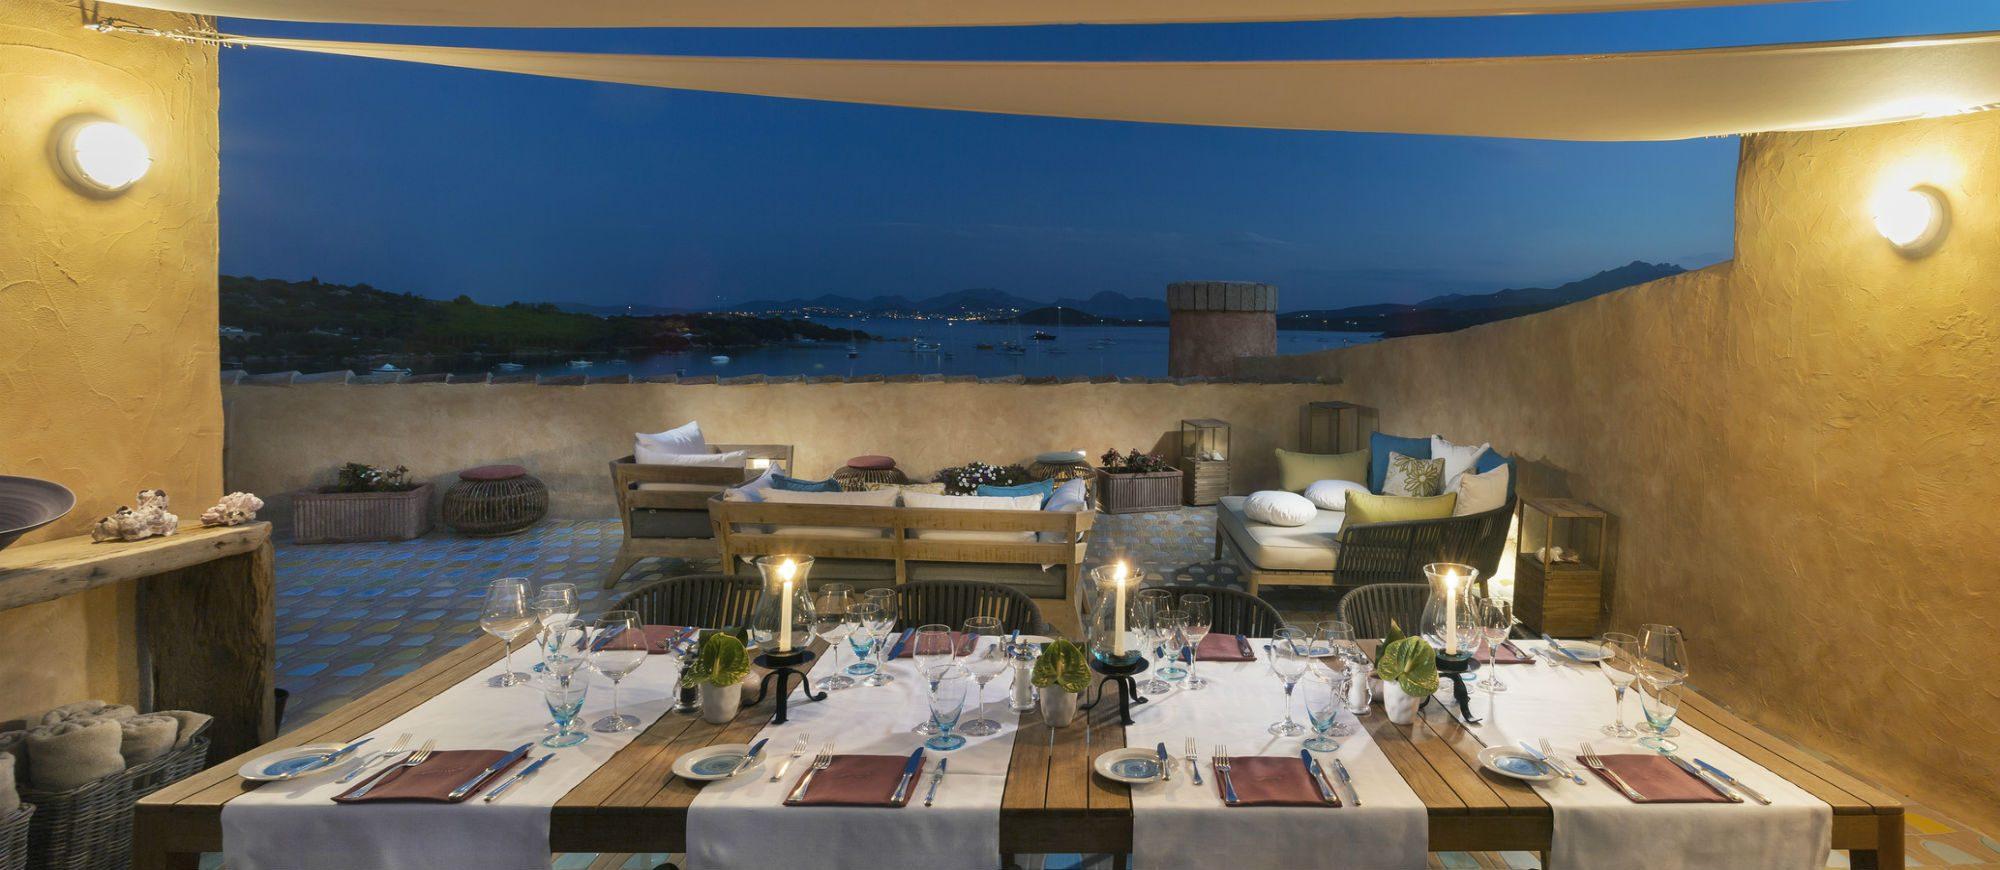 pent-main9-lux59gr-159686-penthouse-suite-terrace